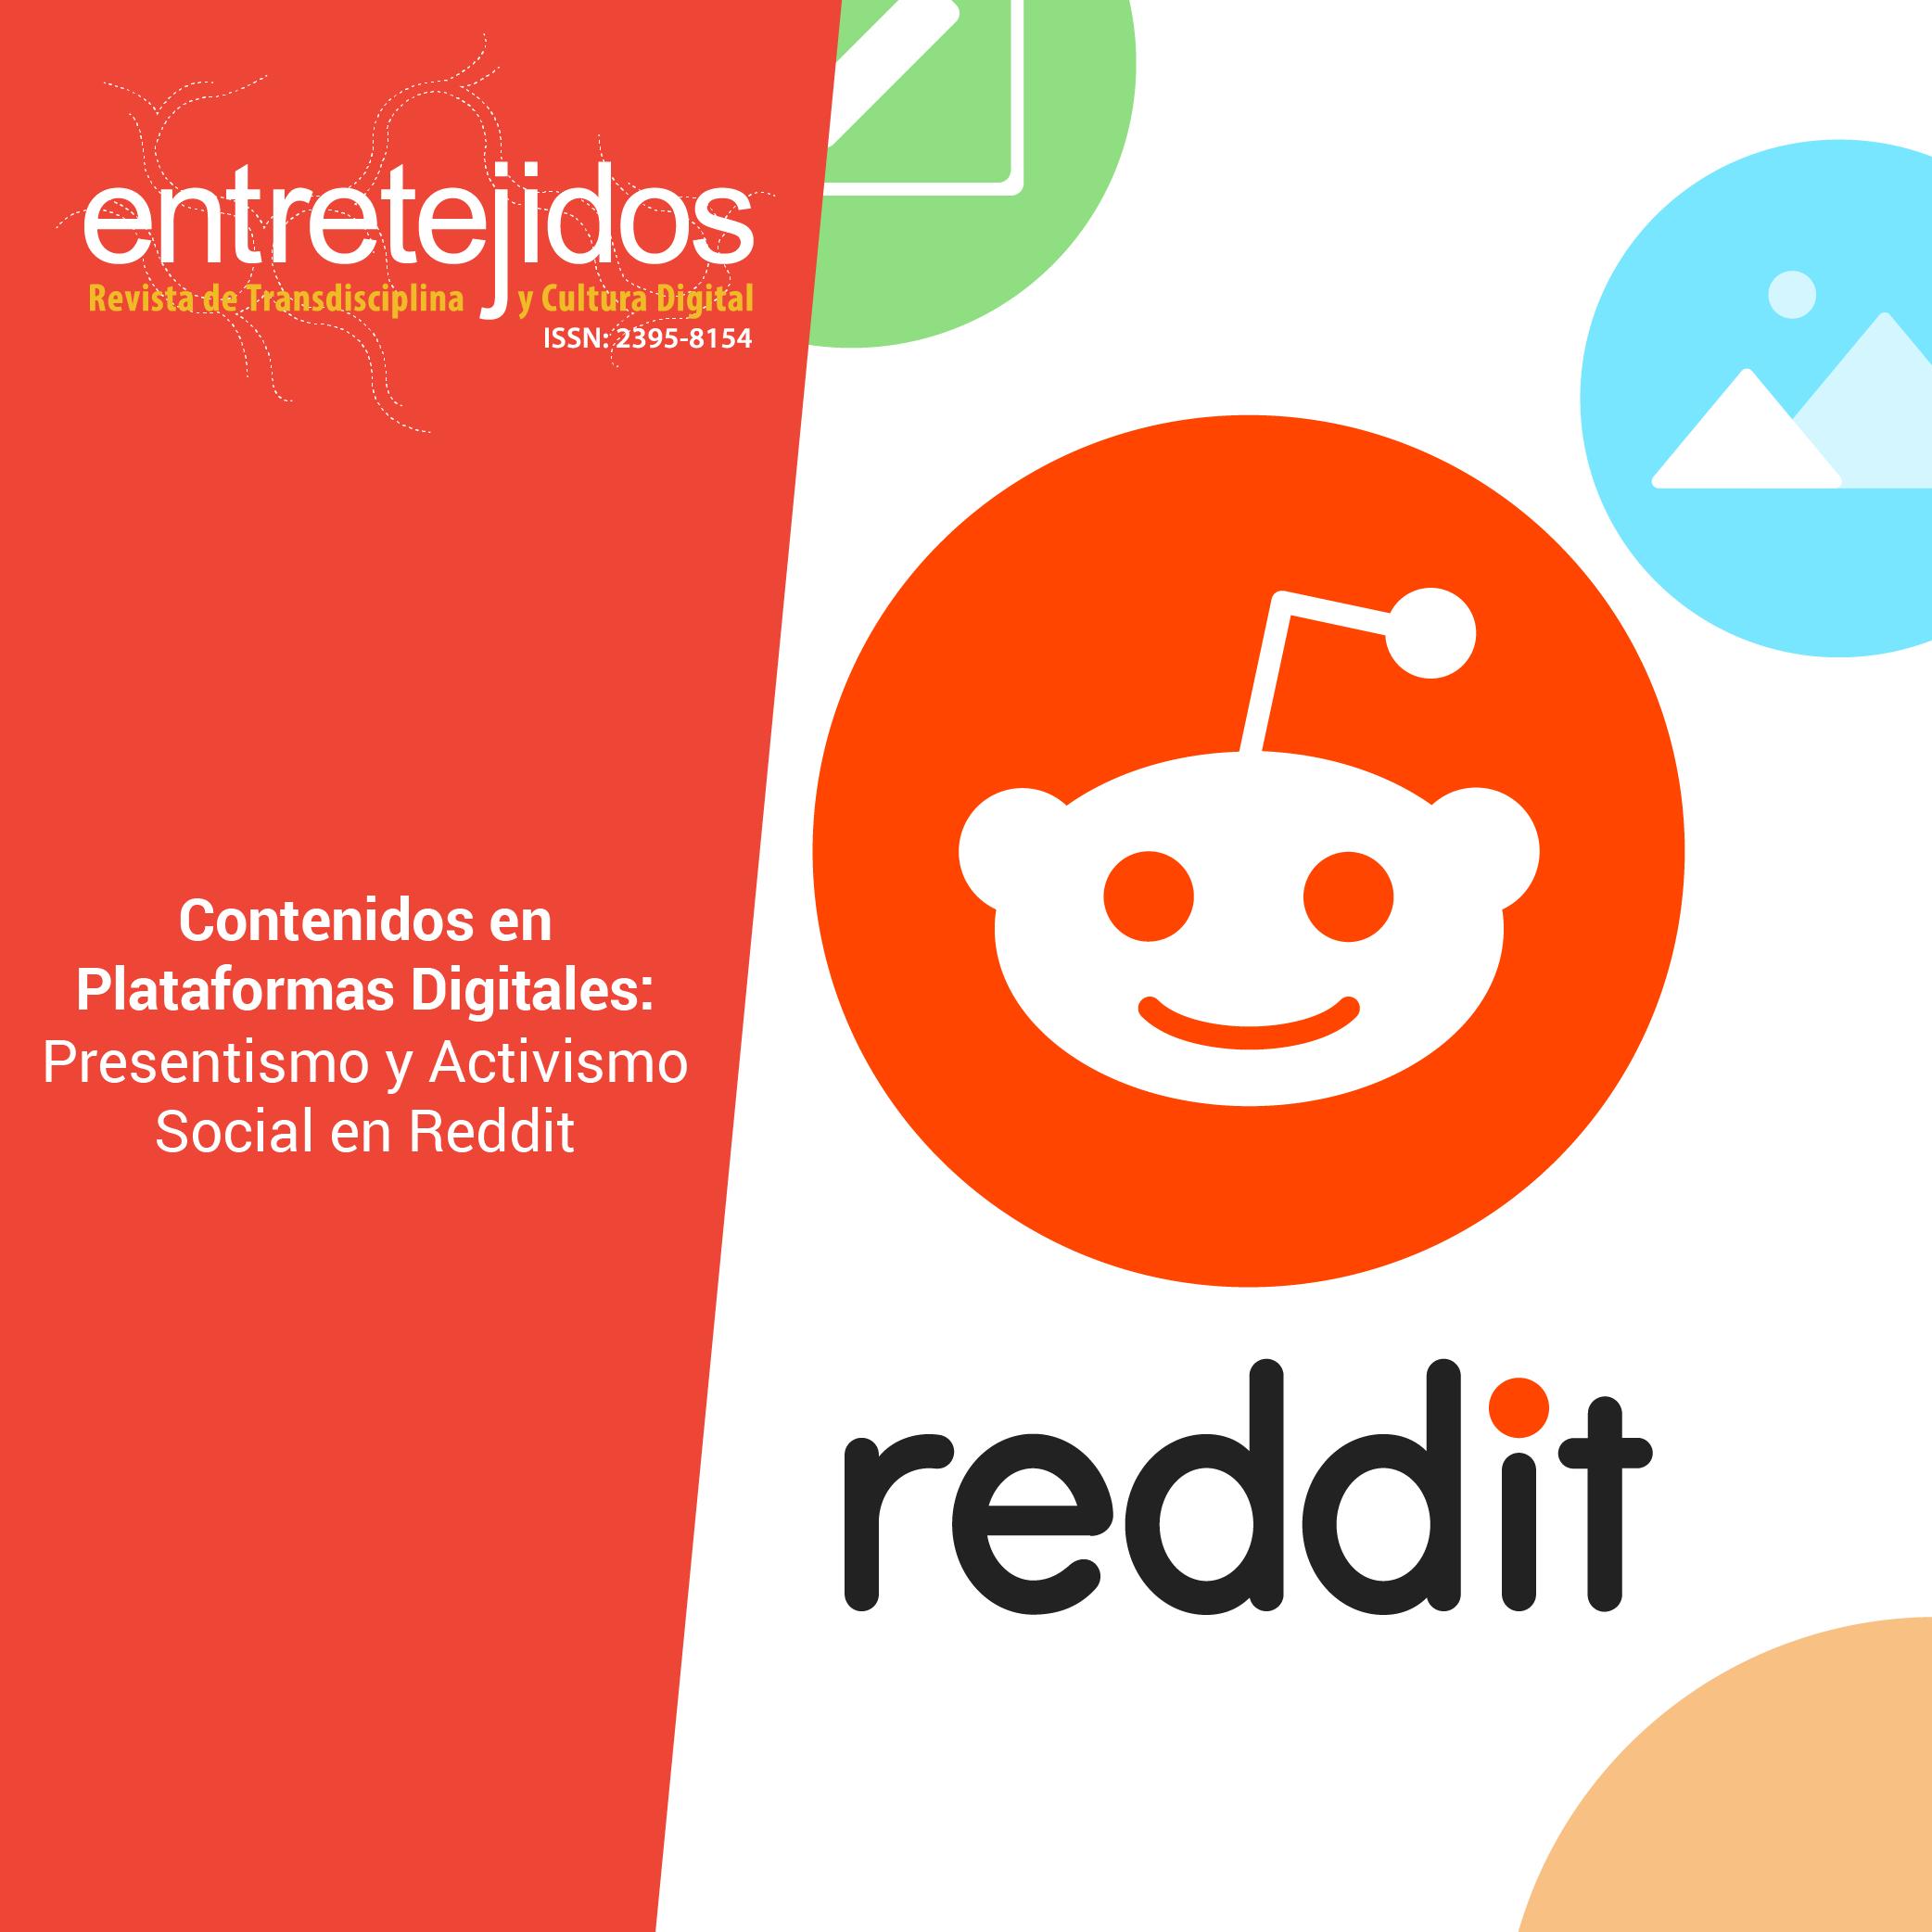 Contenidos en plataformas digitales: presentismo y activismo social en Reddit